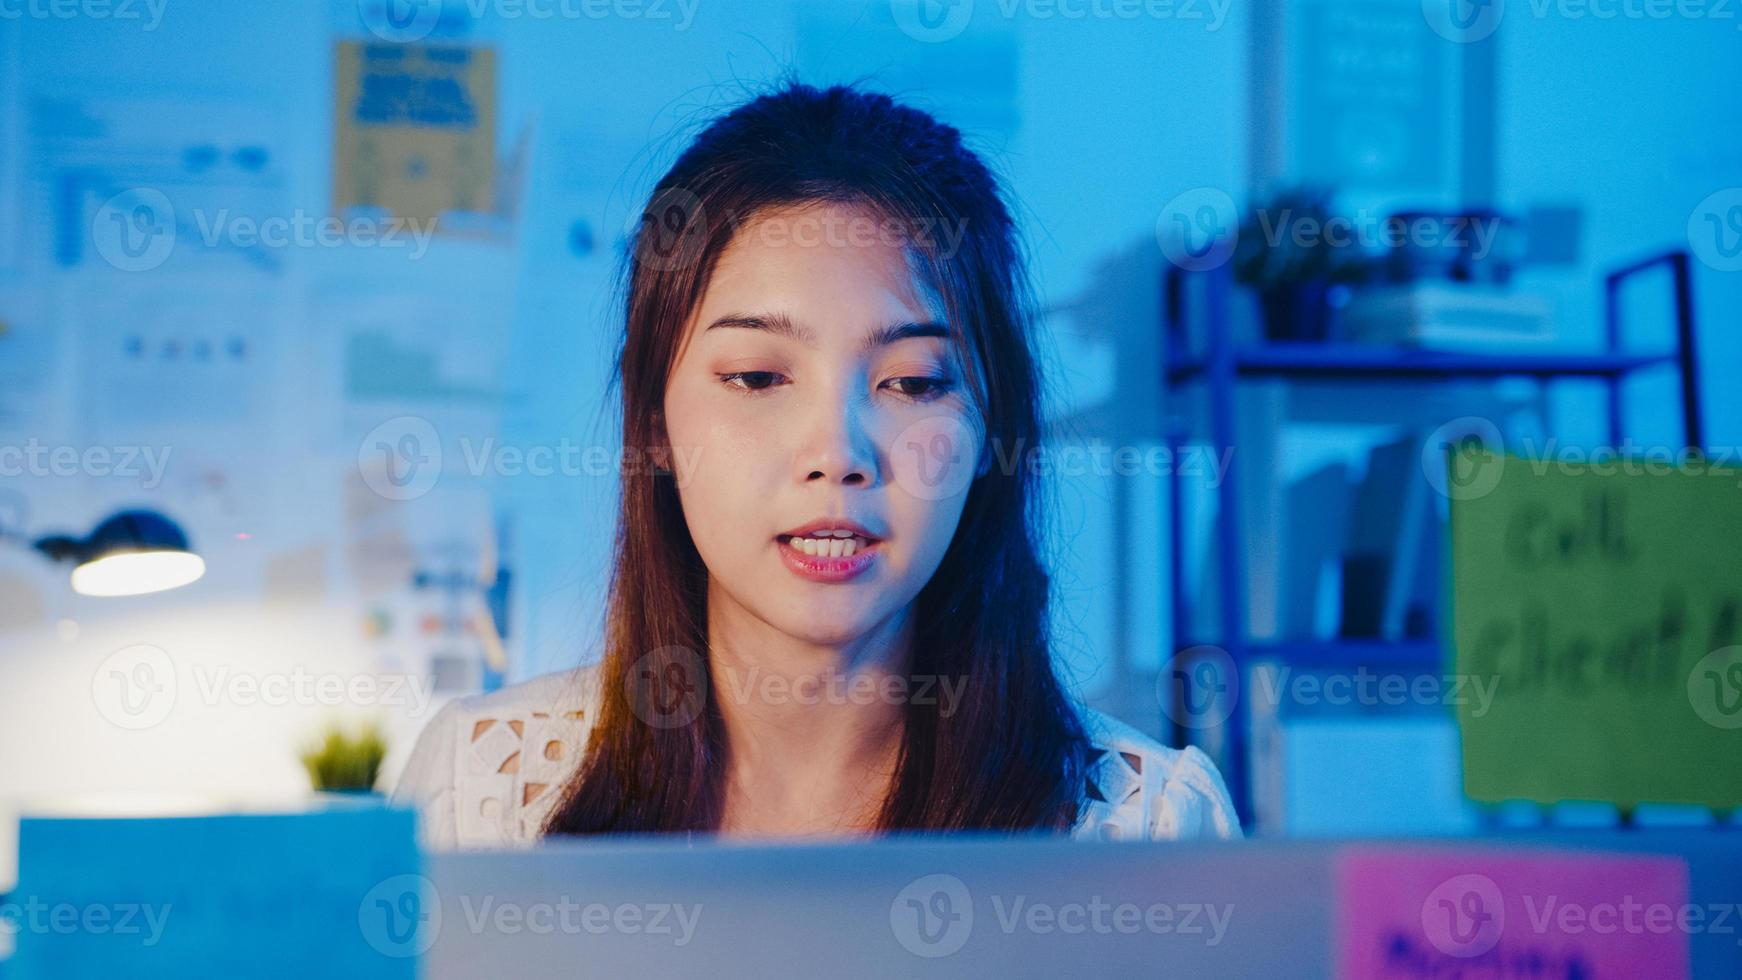 asiatisk affärskvinna social distansering i nya normala för virusförebyggande tittar på kamerapresentation för kollega om planering i videosamtal medan du arbetar på kontorsnatt. livsstil efter coronaviruset. foto